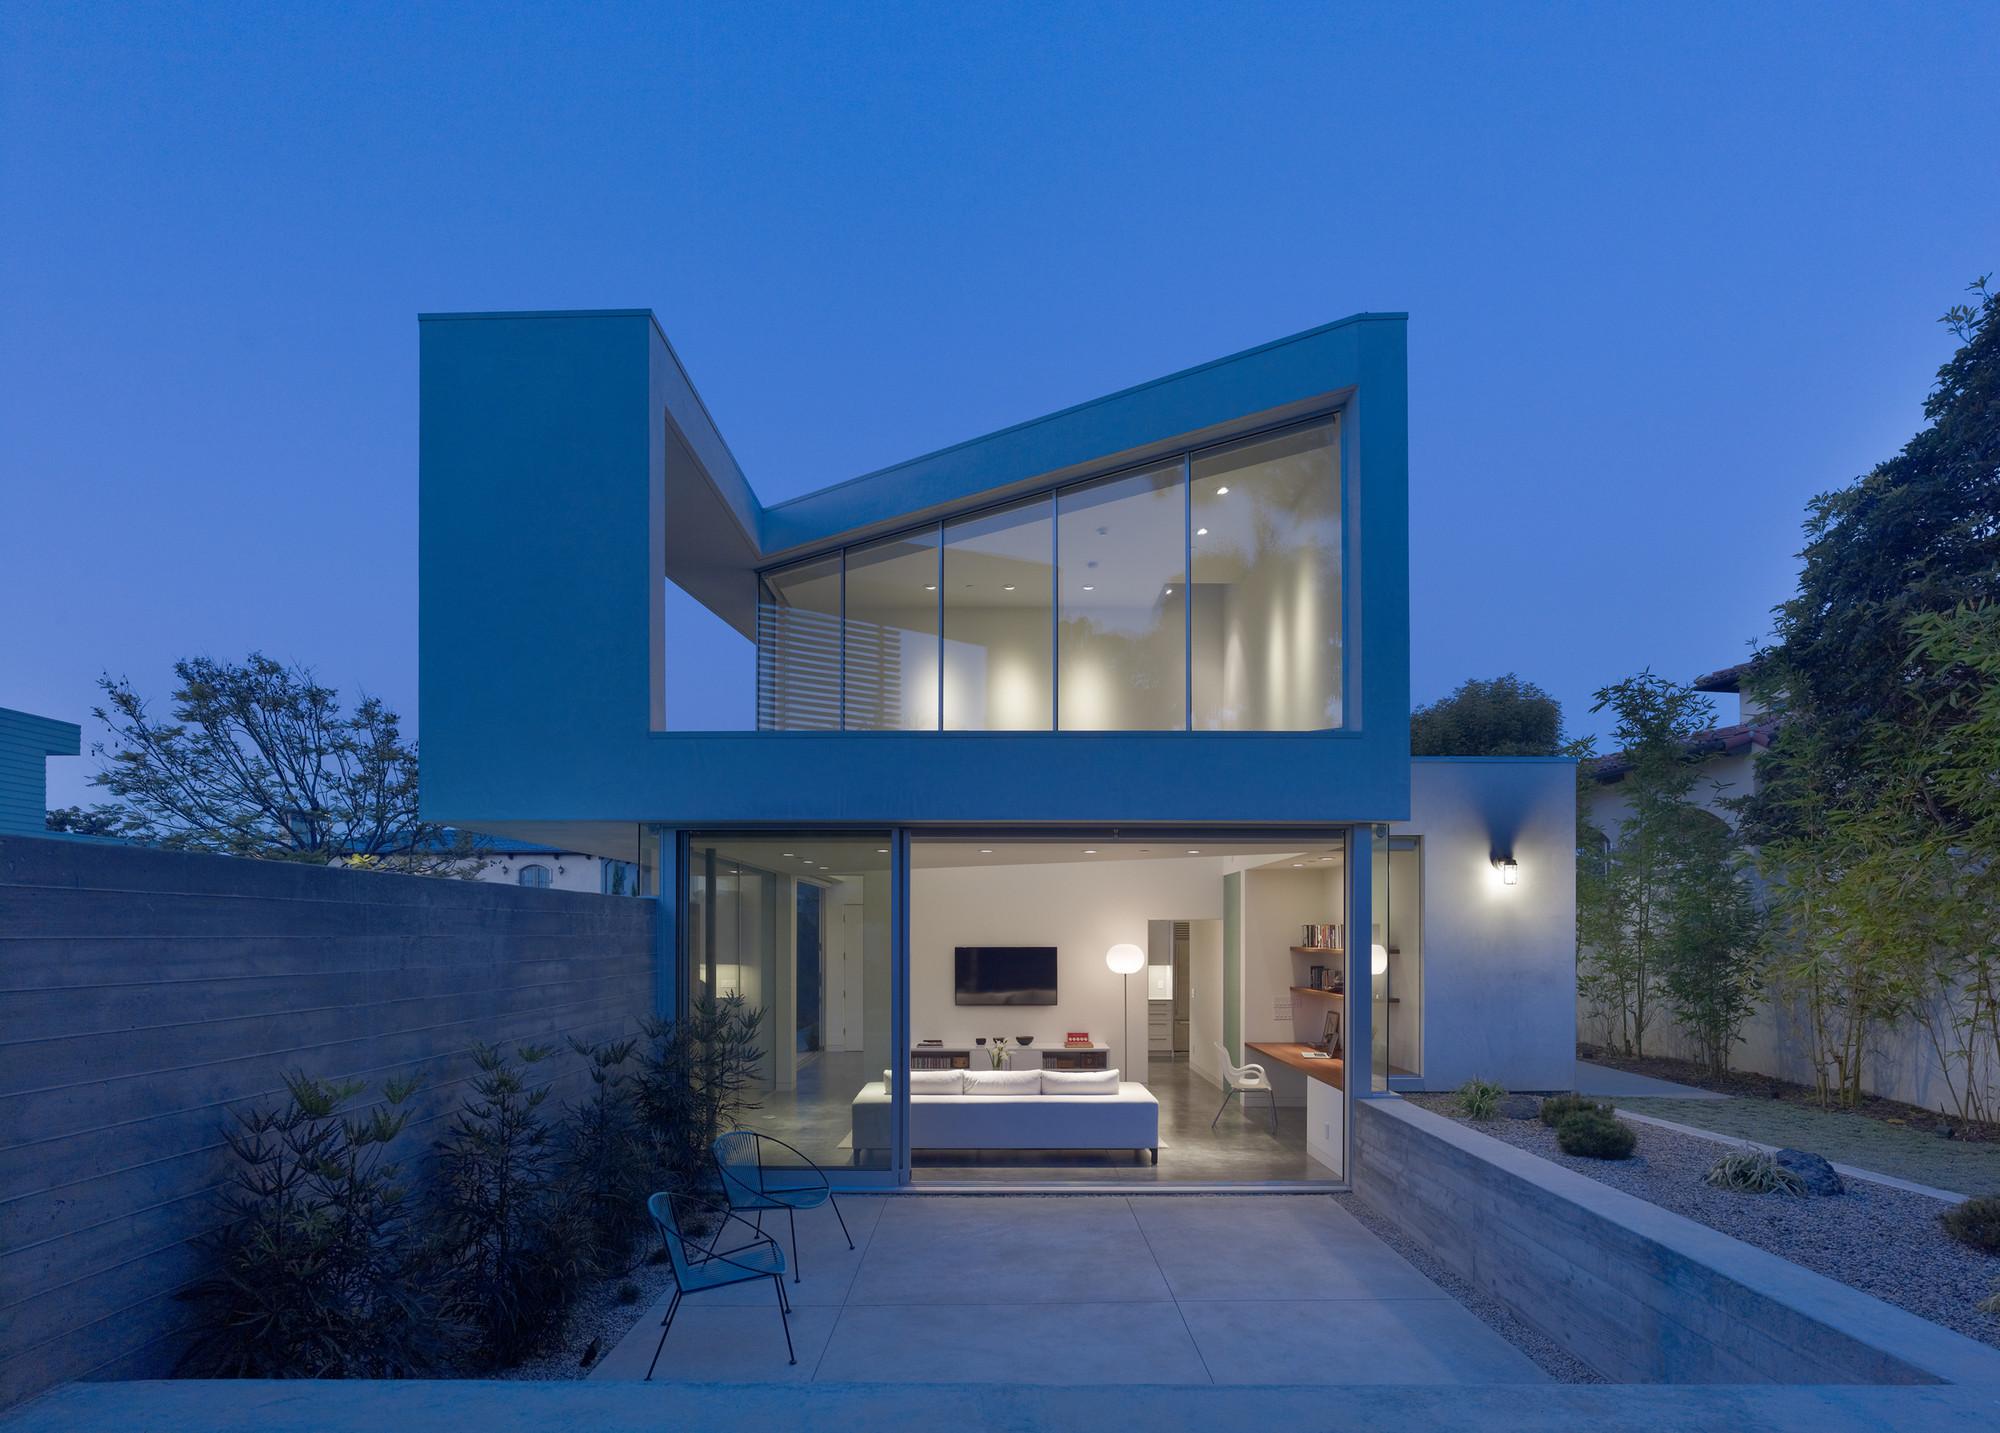 Retiro Ehrlich / John Friedman Alice Kimm Architects, © Benny Chan / Fotoworks